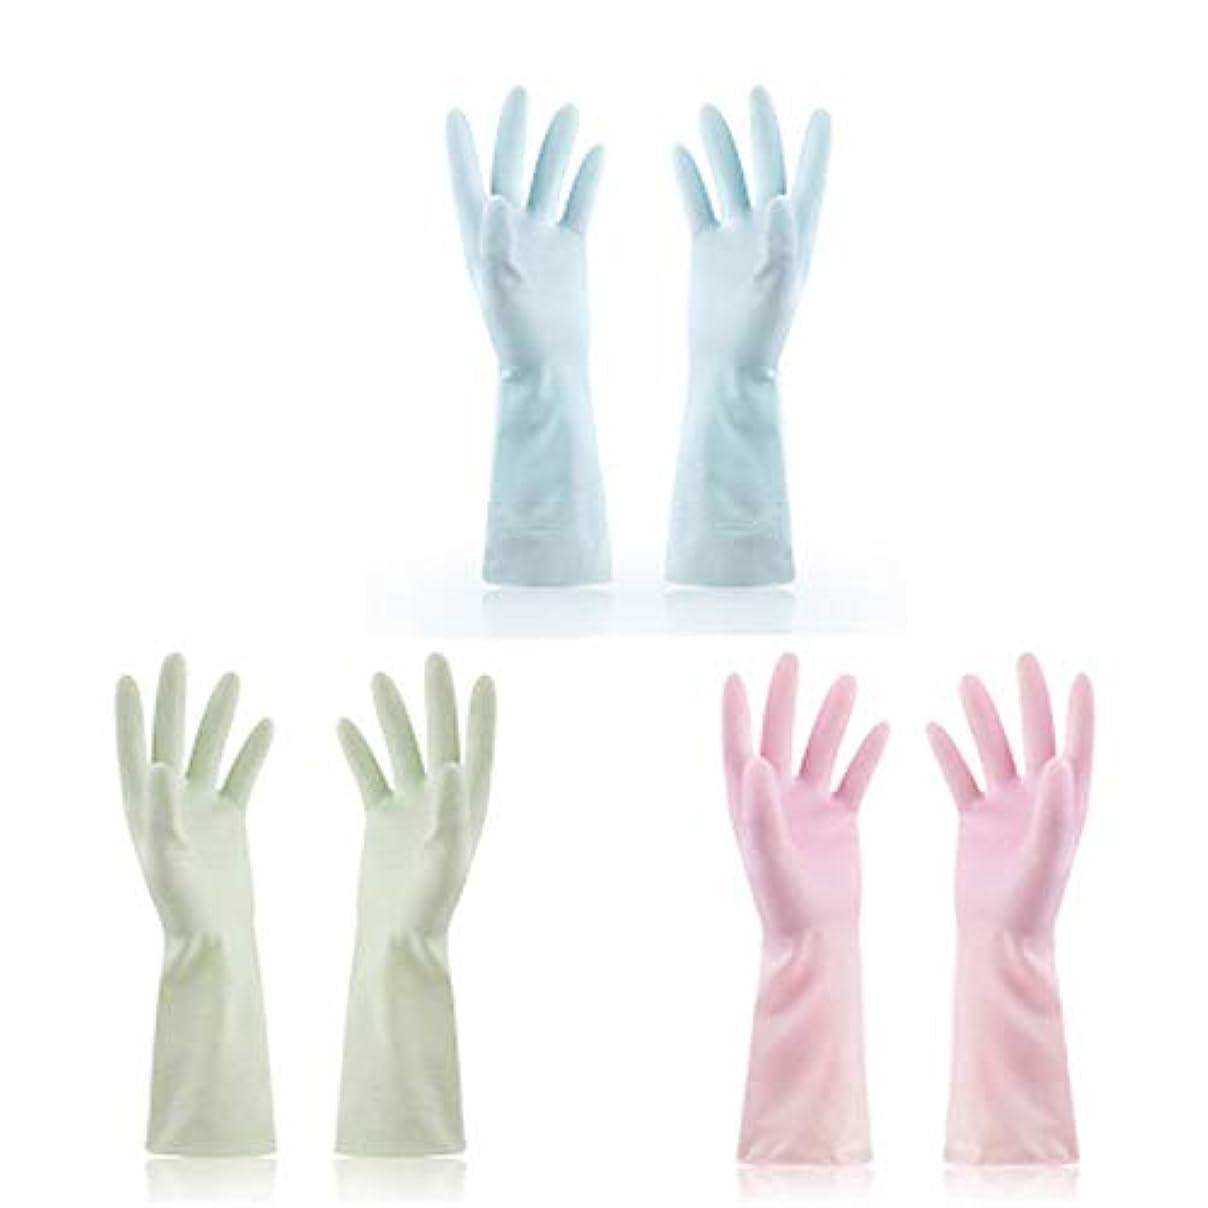 変更開拓者メッセンジャー使い捨て手袋 使い捨て手袋防水ラテックス焦げ付き防止ゴム製ゴム製台所手袋、3組 ニトリルゴム手袋 (Color : Multi-colored, Size : M)